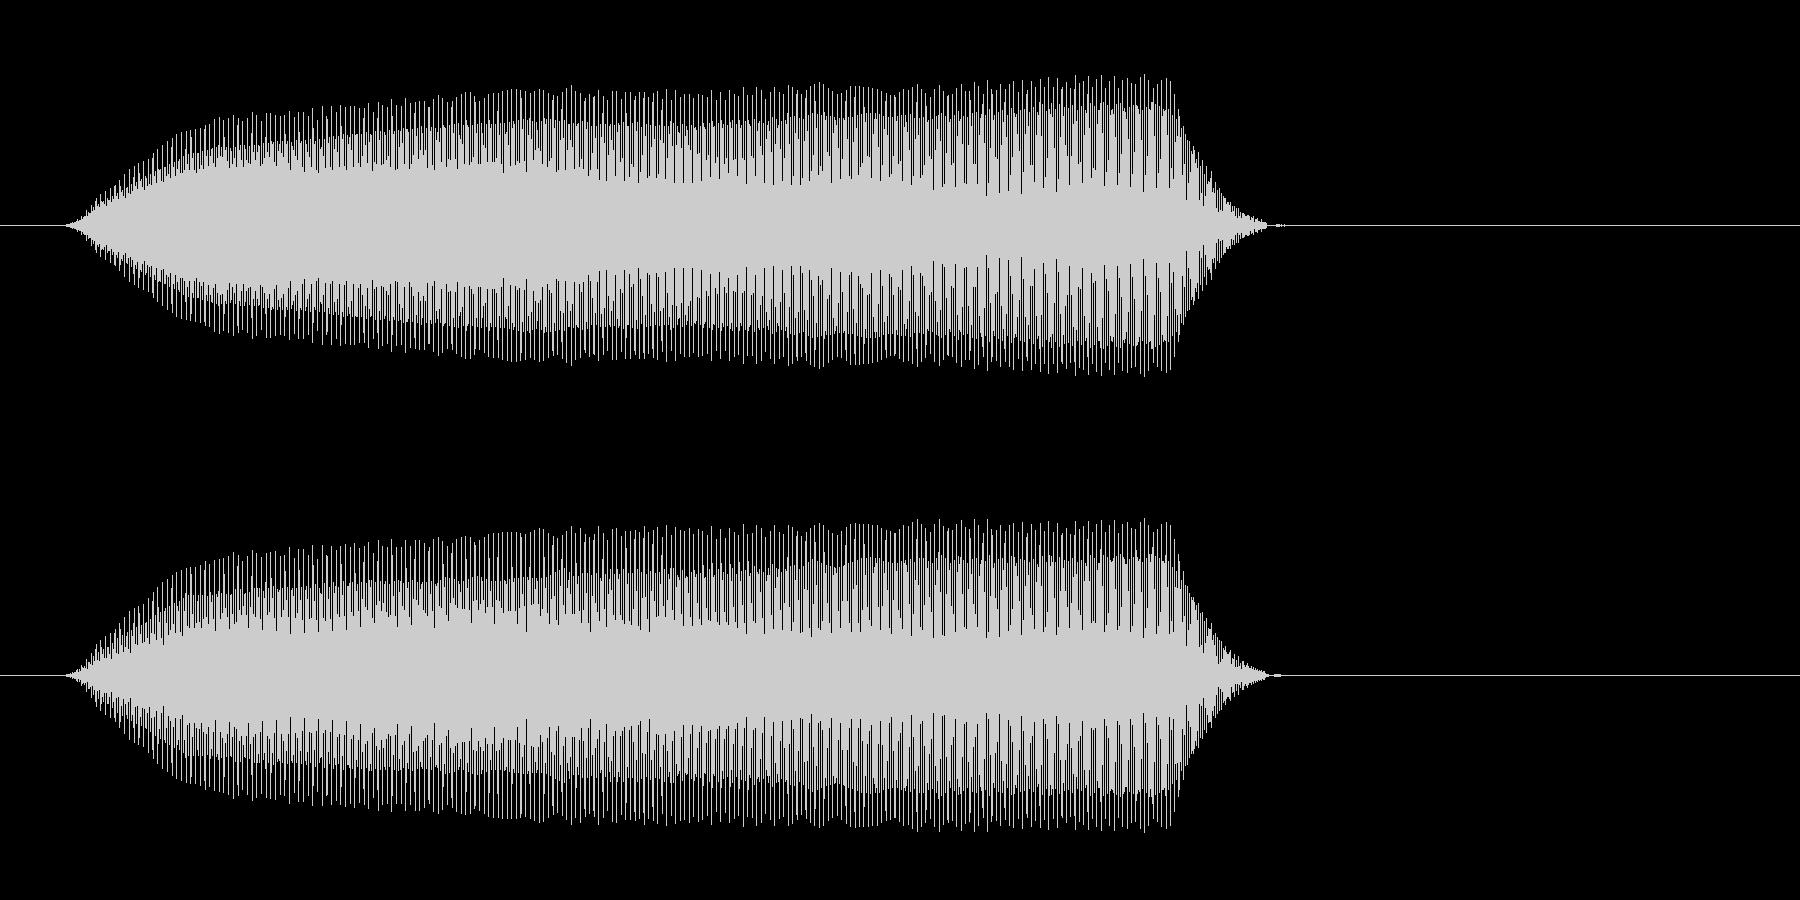 ピィィッ(鳥が鳴くような効果音)の未再生の波形